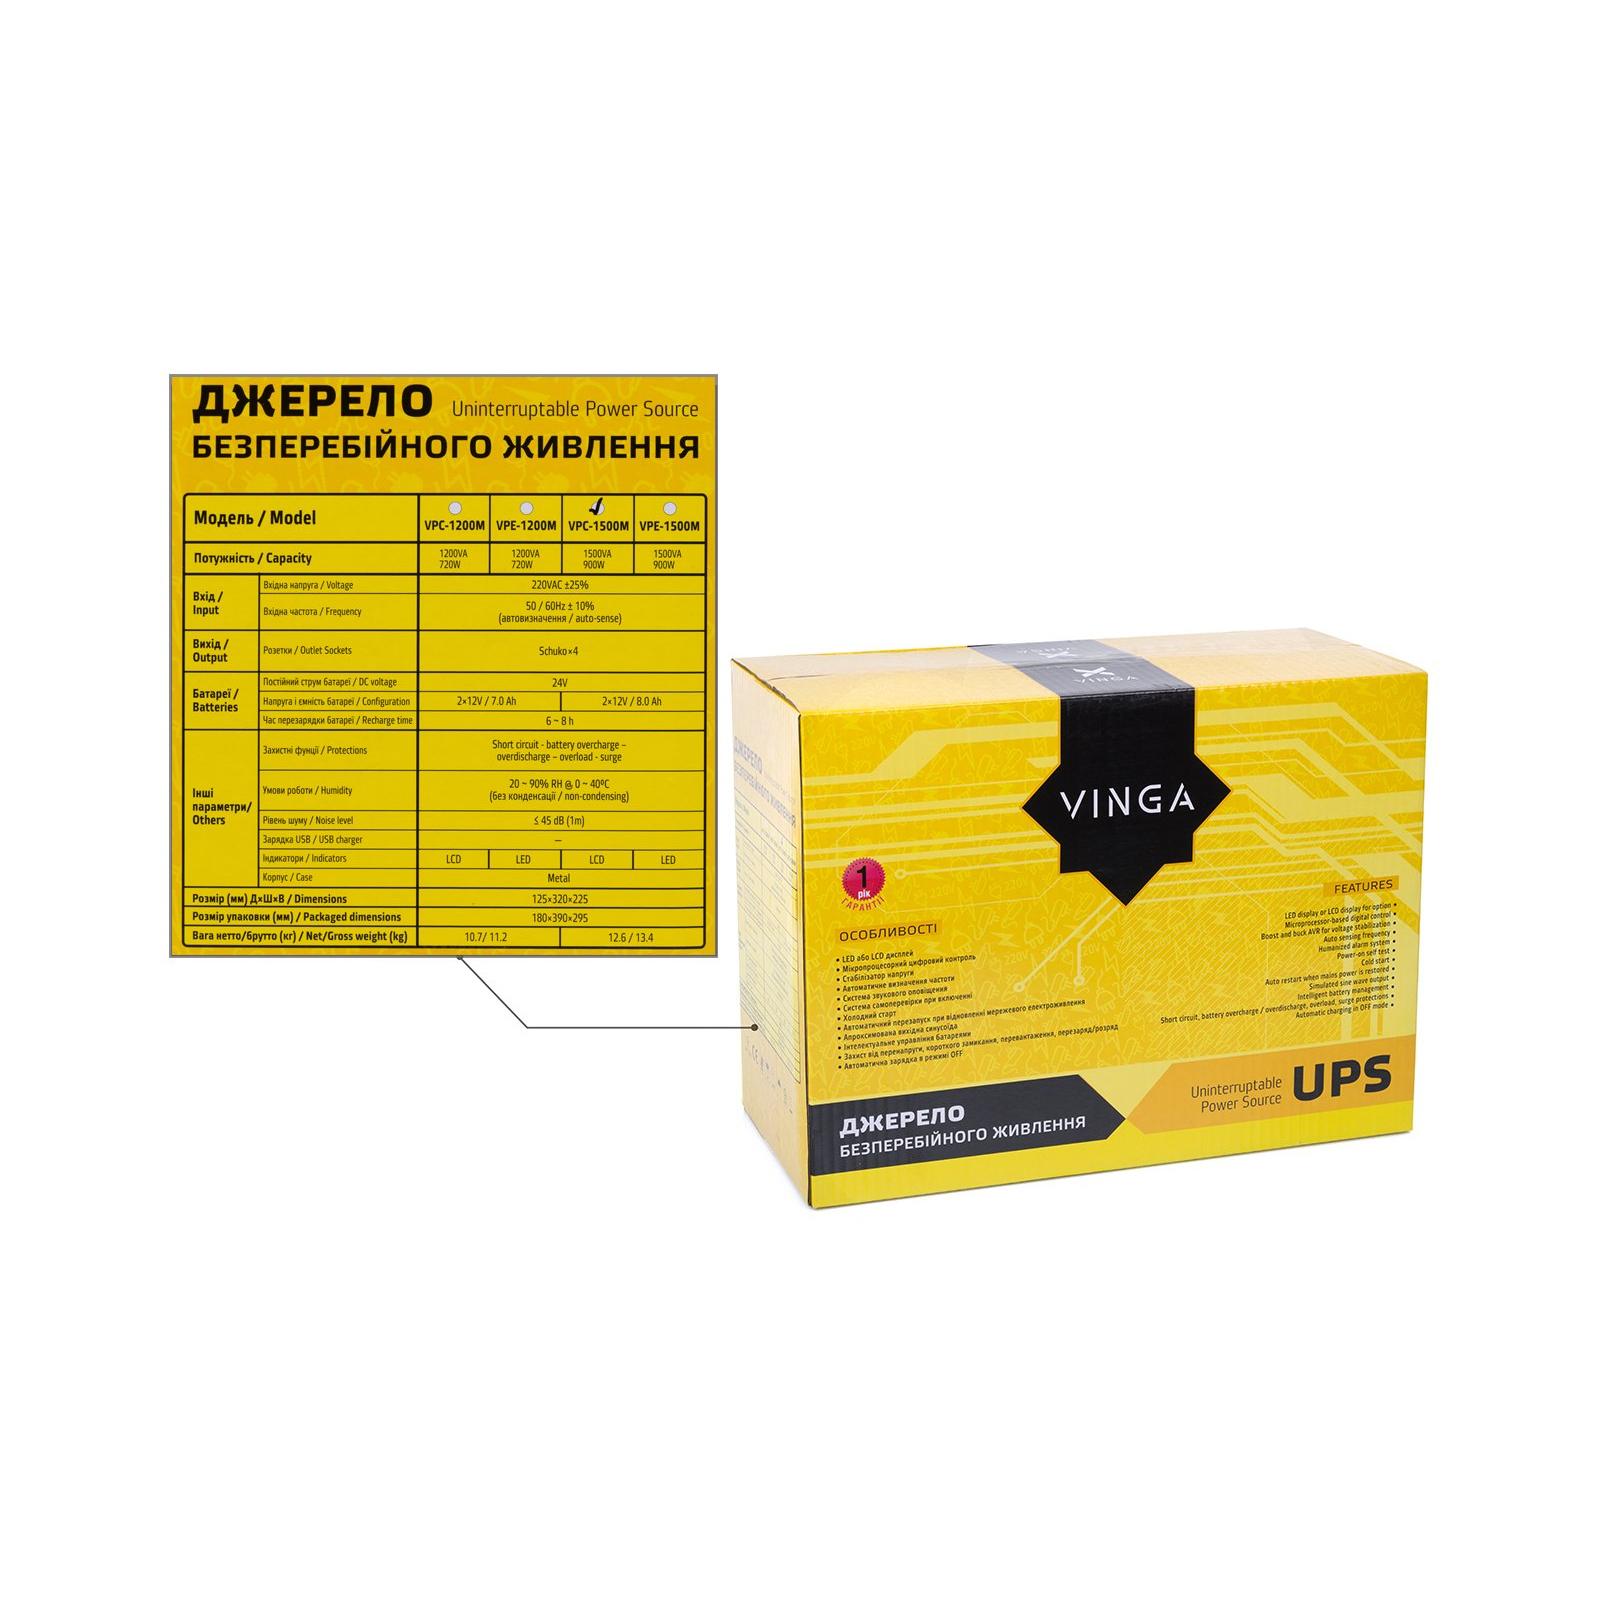 Источник бесперебойного питания Vinga LCD 2000VA metall case (VPC-2000M) изображение 12